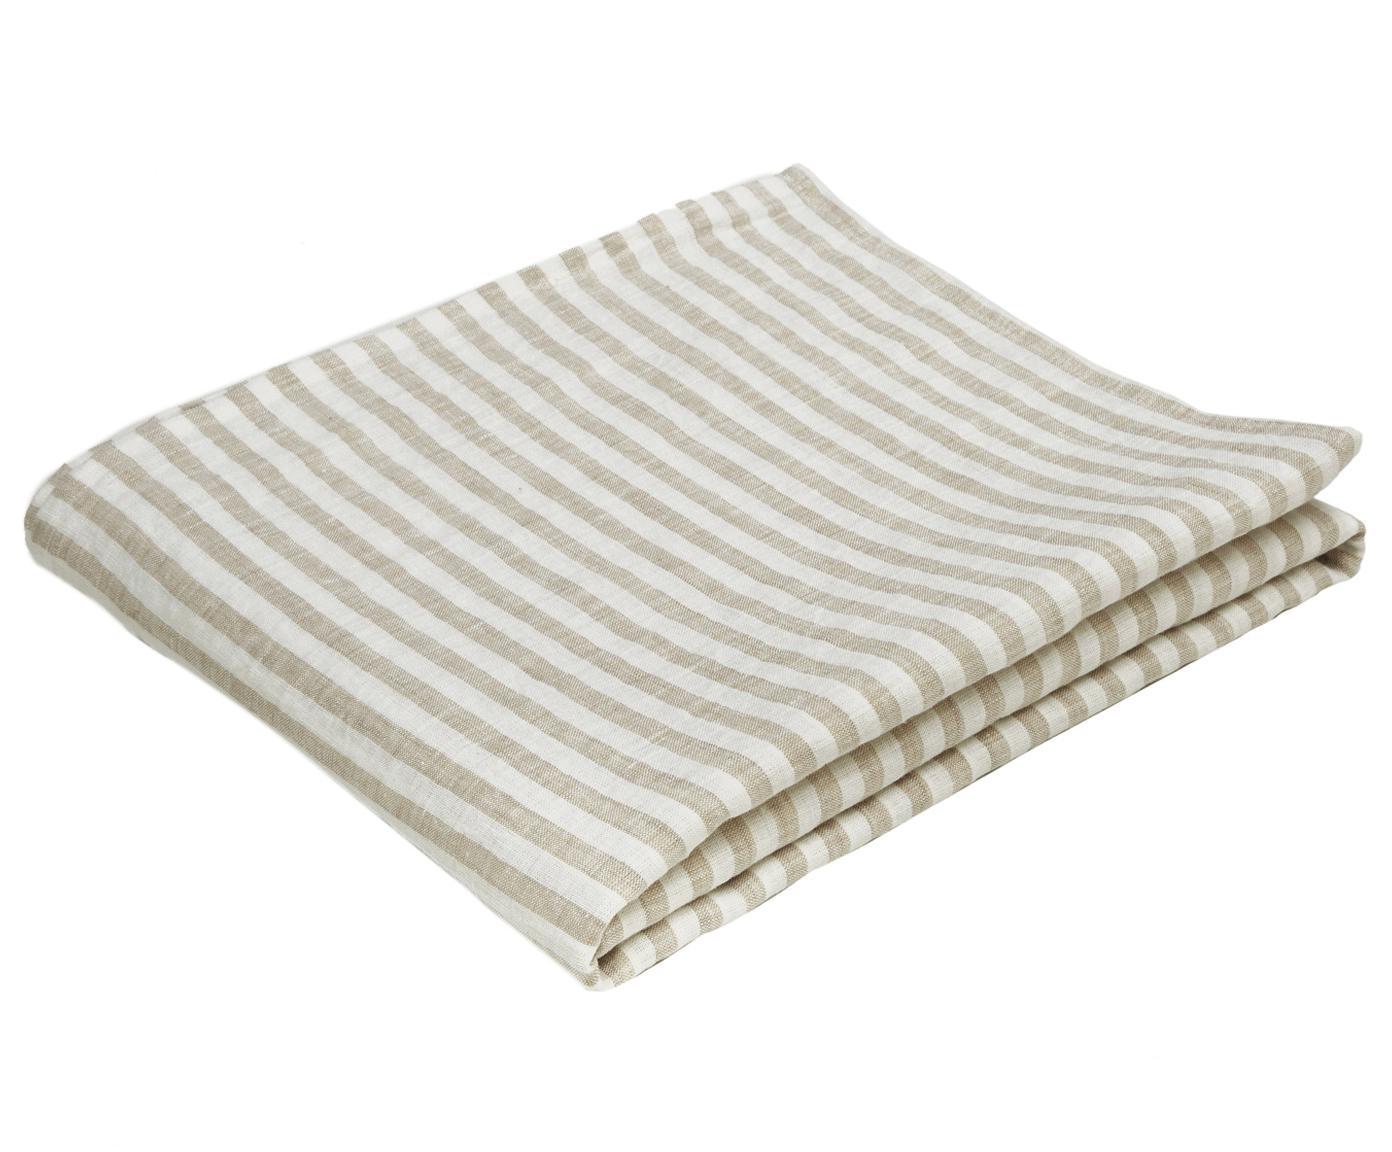 Linnen tafellaken Solami, Linnen, Beige, wit, Voor 6 - 8 personen (B 150 x L 250 cm)